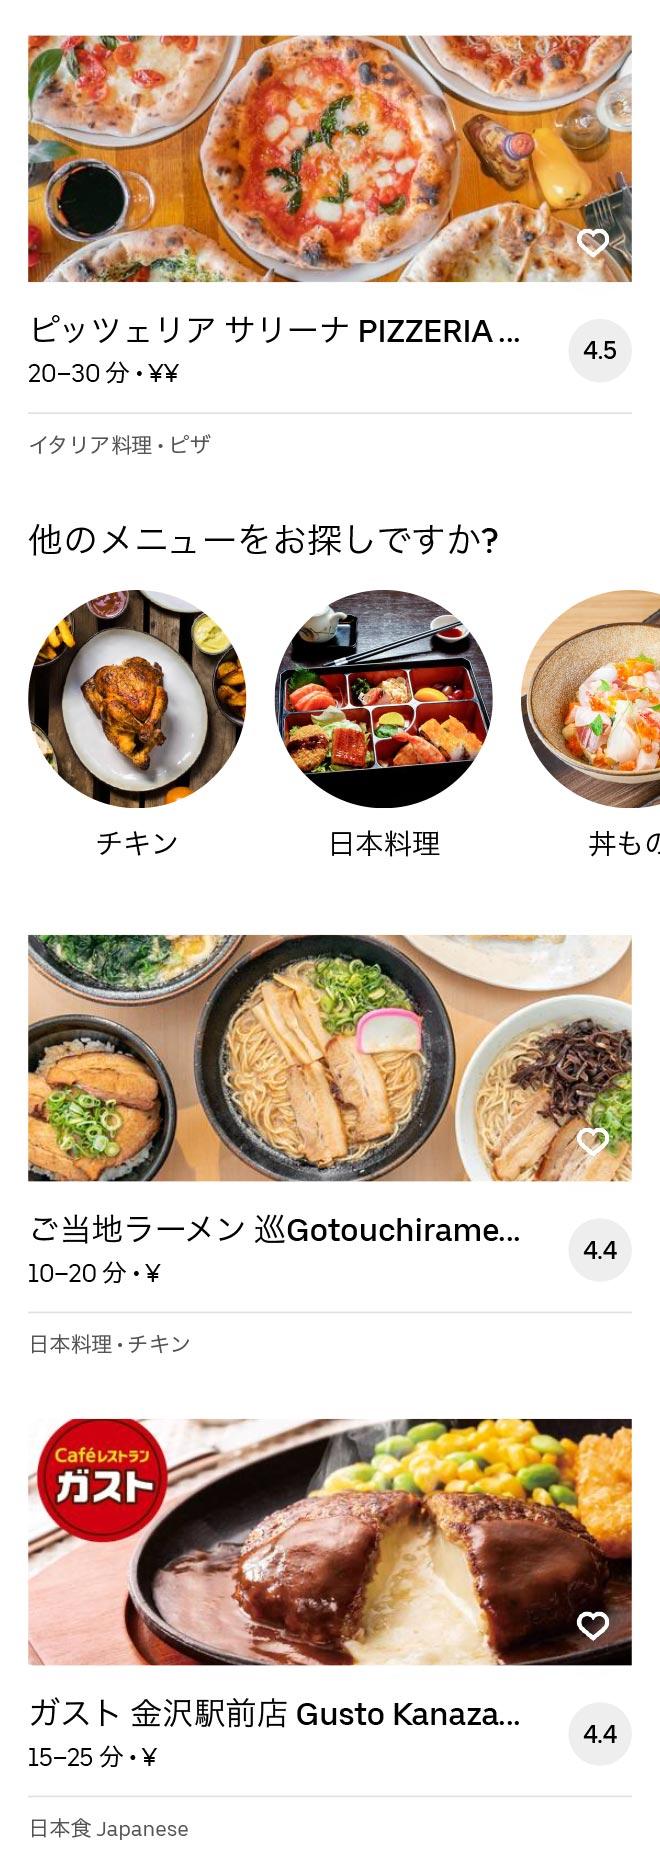 Kanazawa menu 2005 05